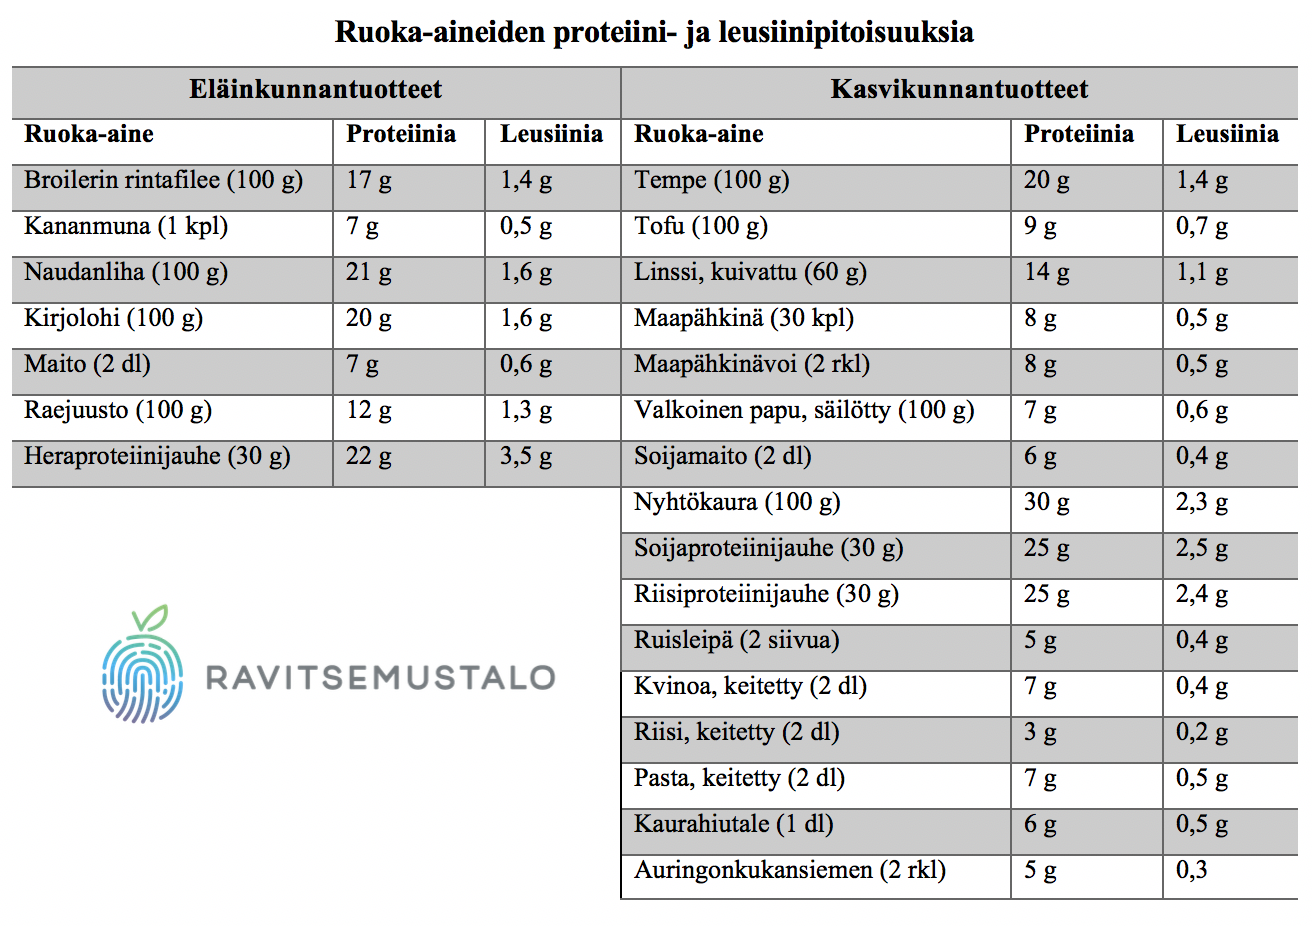 vegaani proteiini ja leusiini